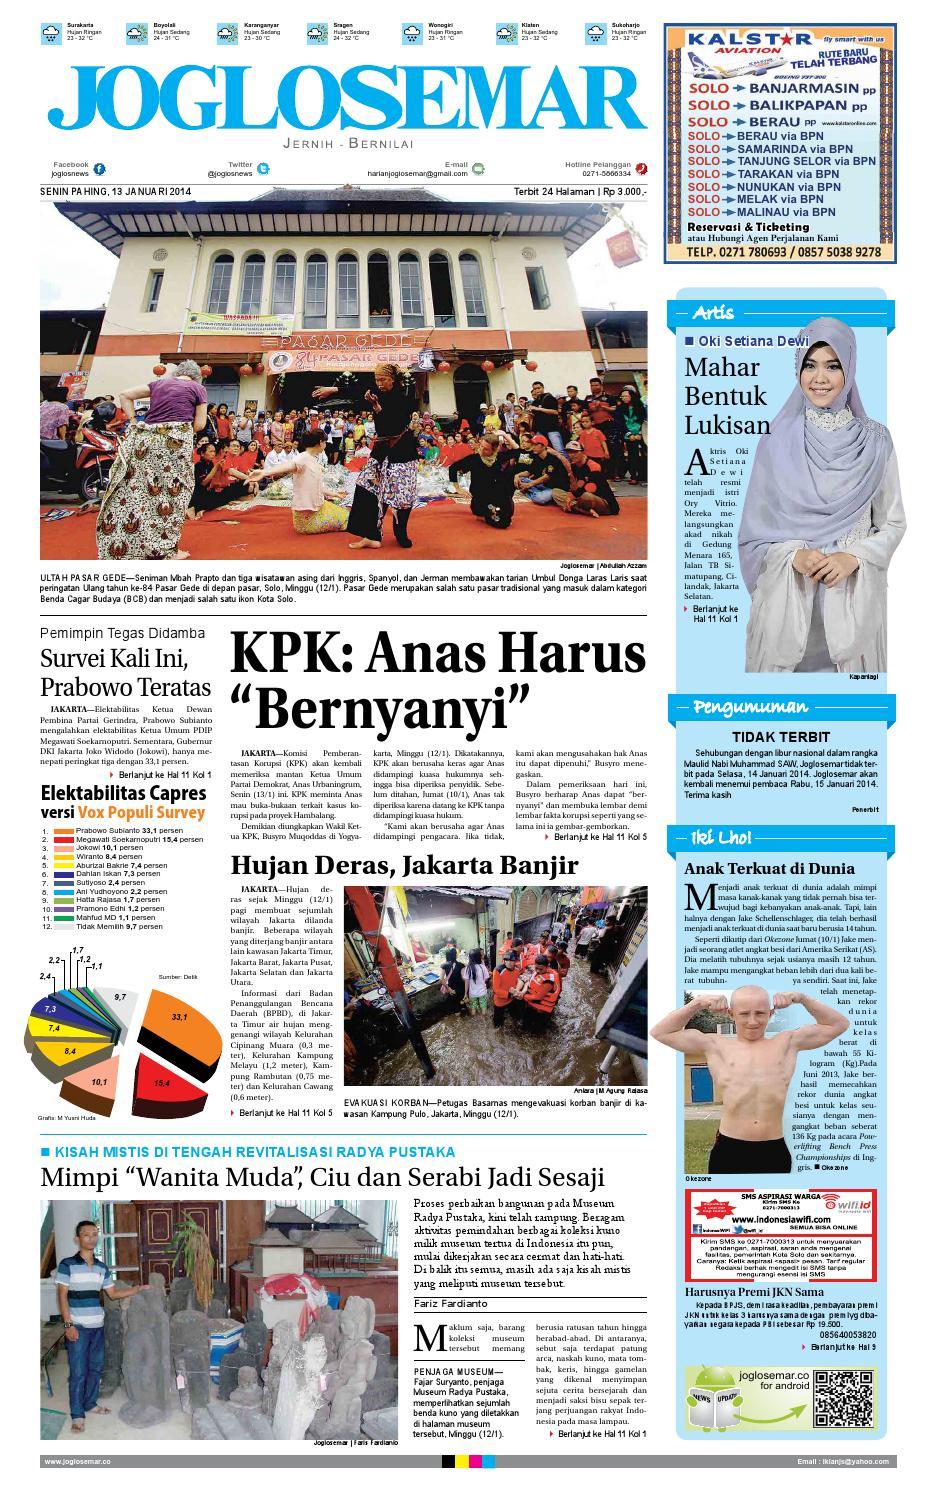 Epaper Edisi 13 Januari 2014 By PT Joglosemar Prima Media